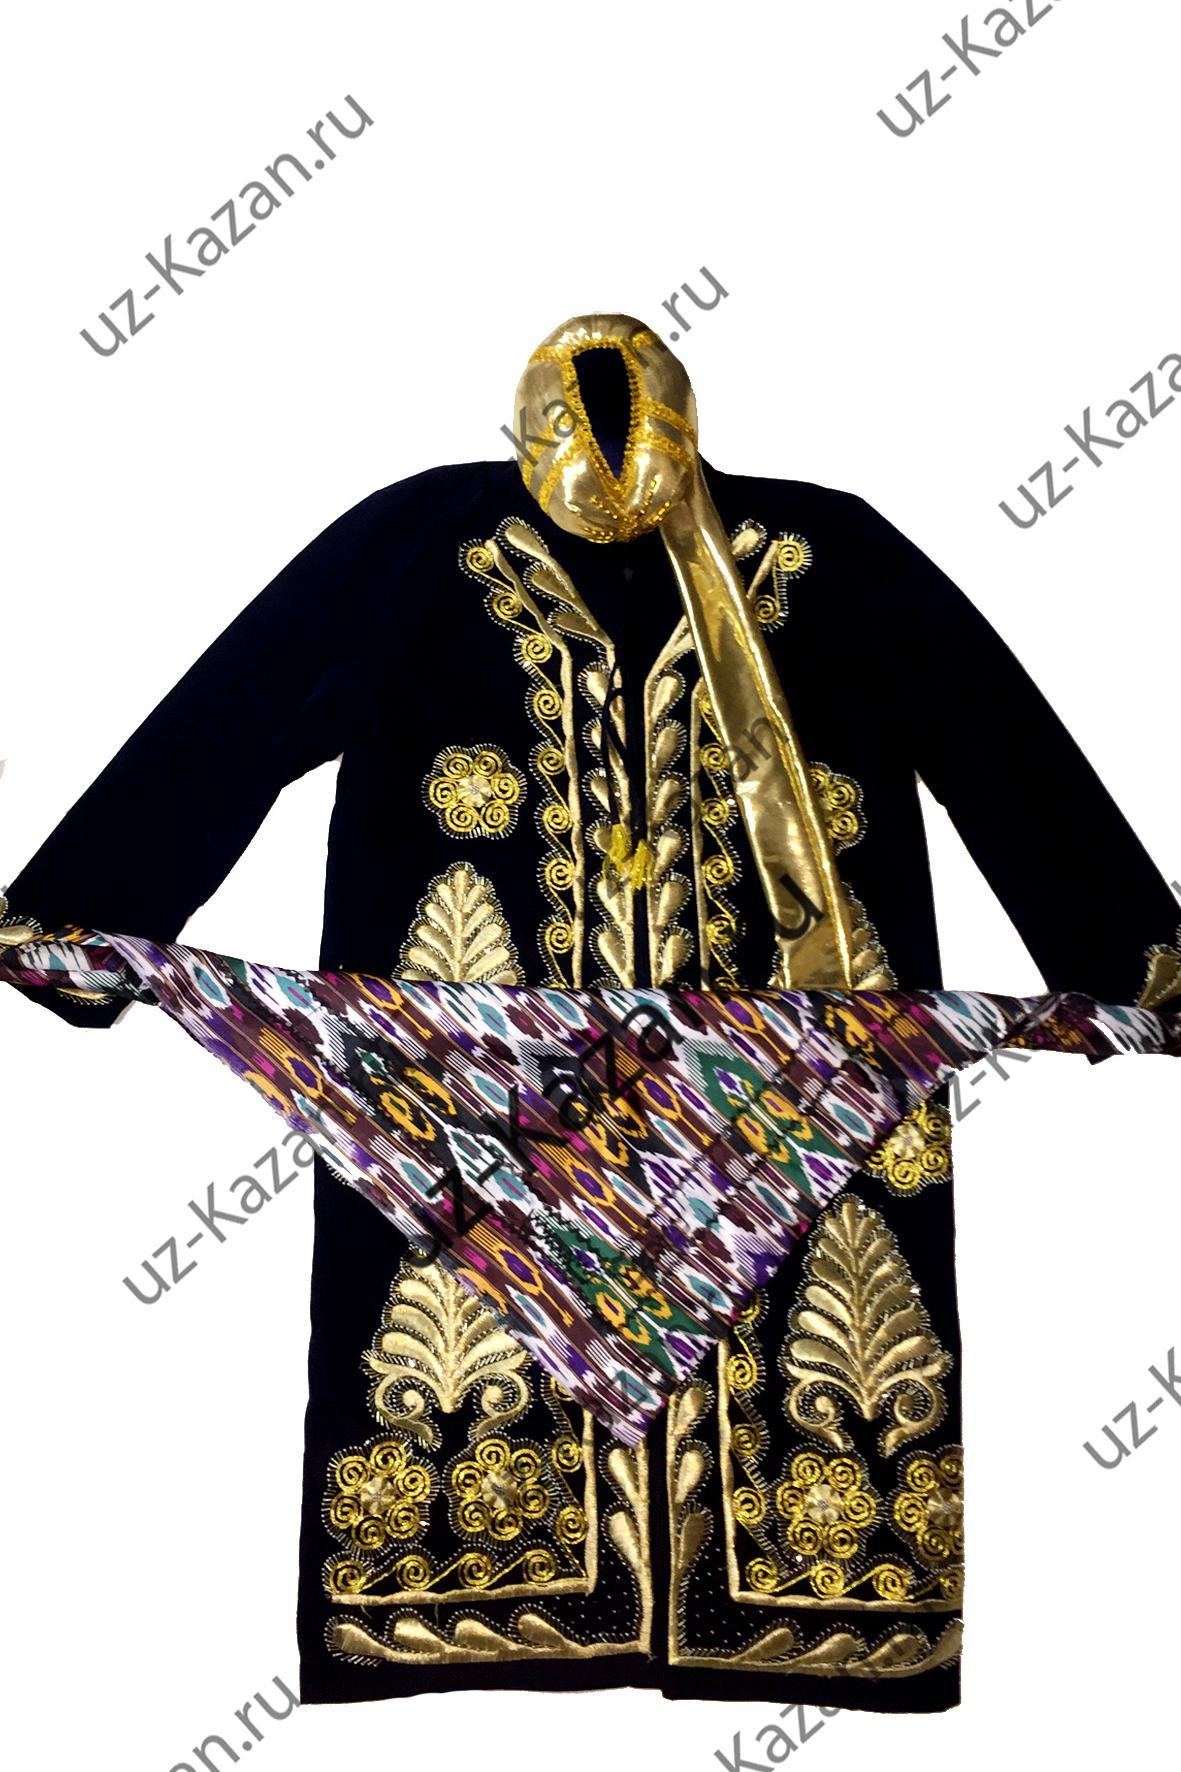 Комплект чапан золотошвейный праздничный, чалма и пояс. В наличии все размеры 7350р